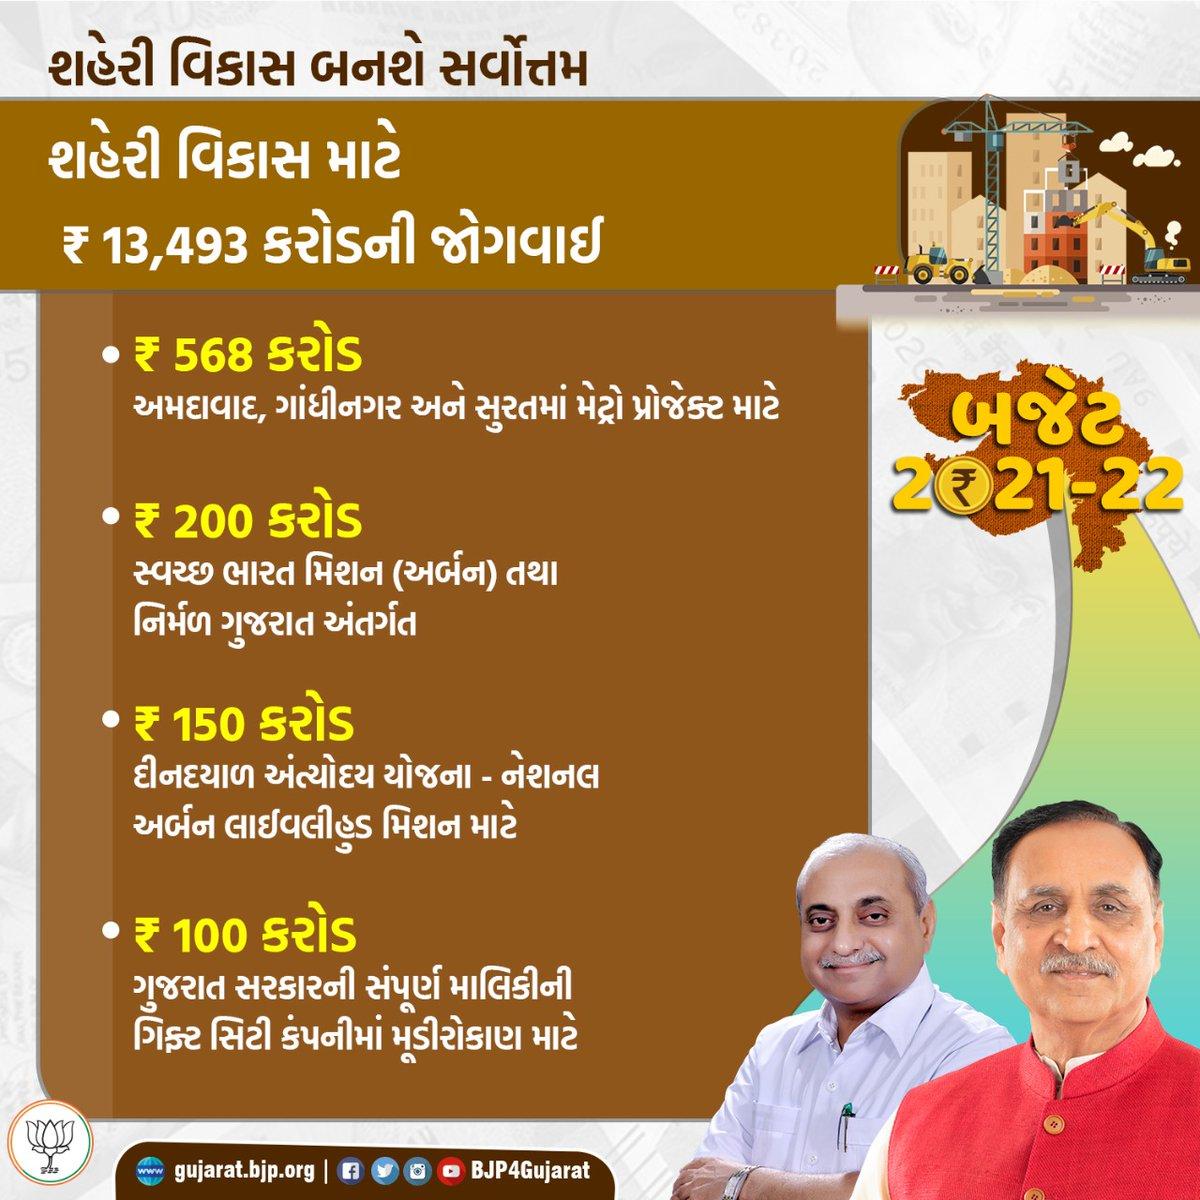 શહેરી વિકાસને સર્વોત્તમની દિશામાં લઈ જતું ગુજરાત બજેટ